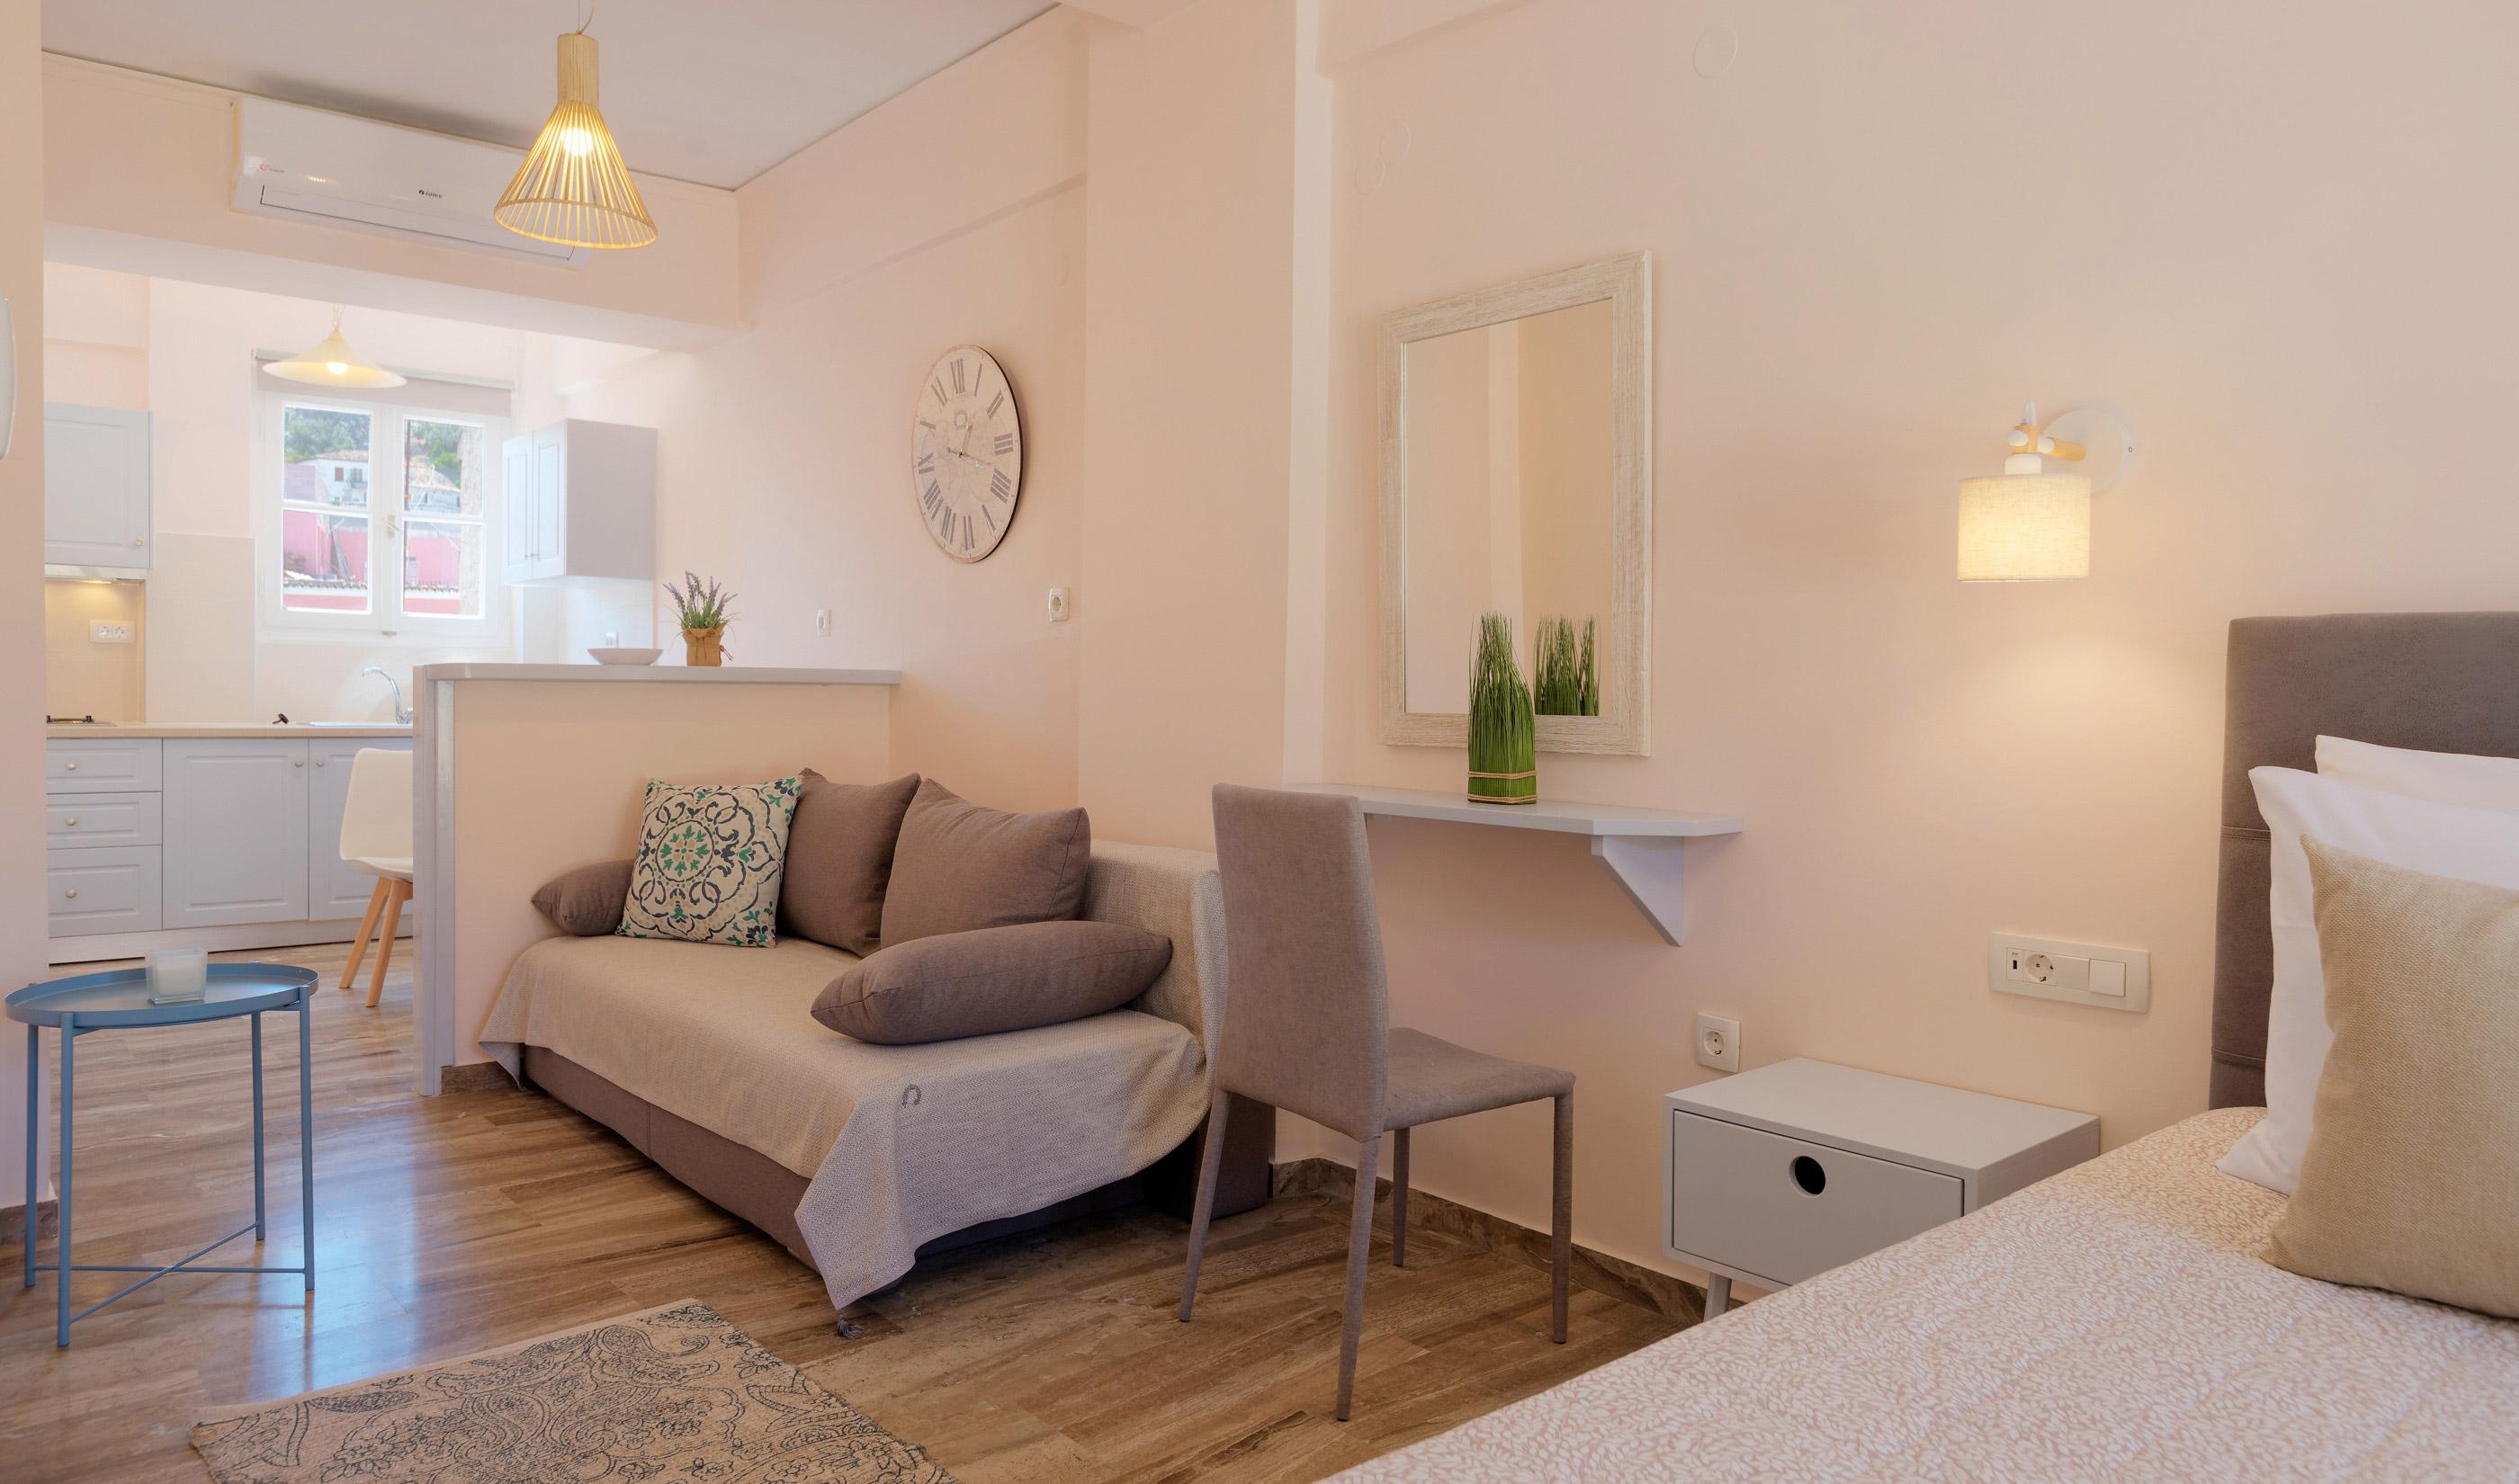 Διαμέρισμα B1